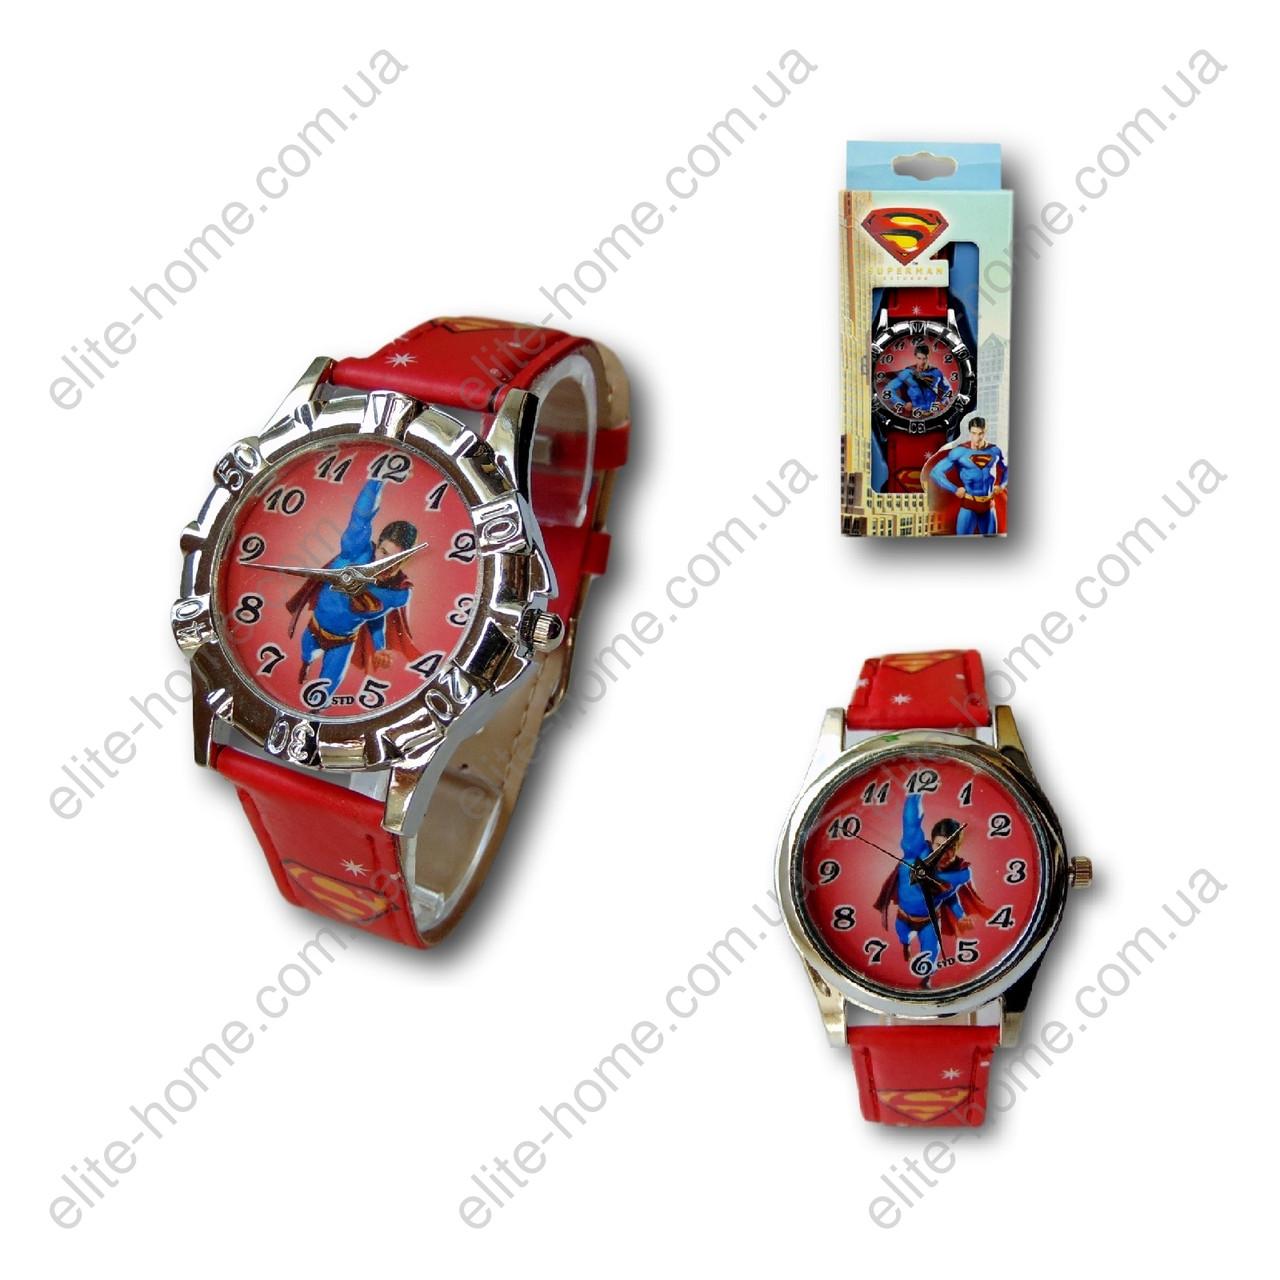 """Дитячі наручні годинники """"Супермен (Superman)"""" в подарунковій упаковці (червоний ремінець)"""